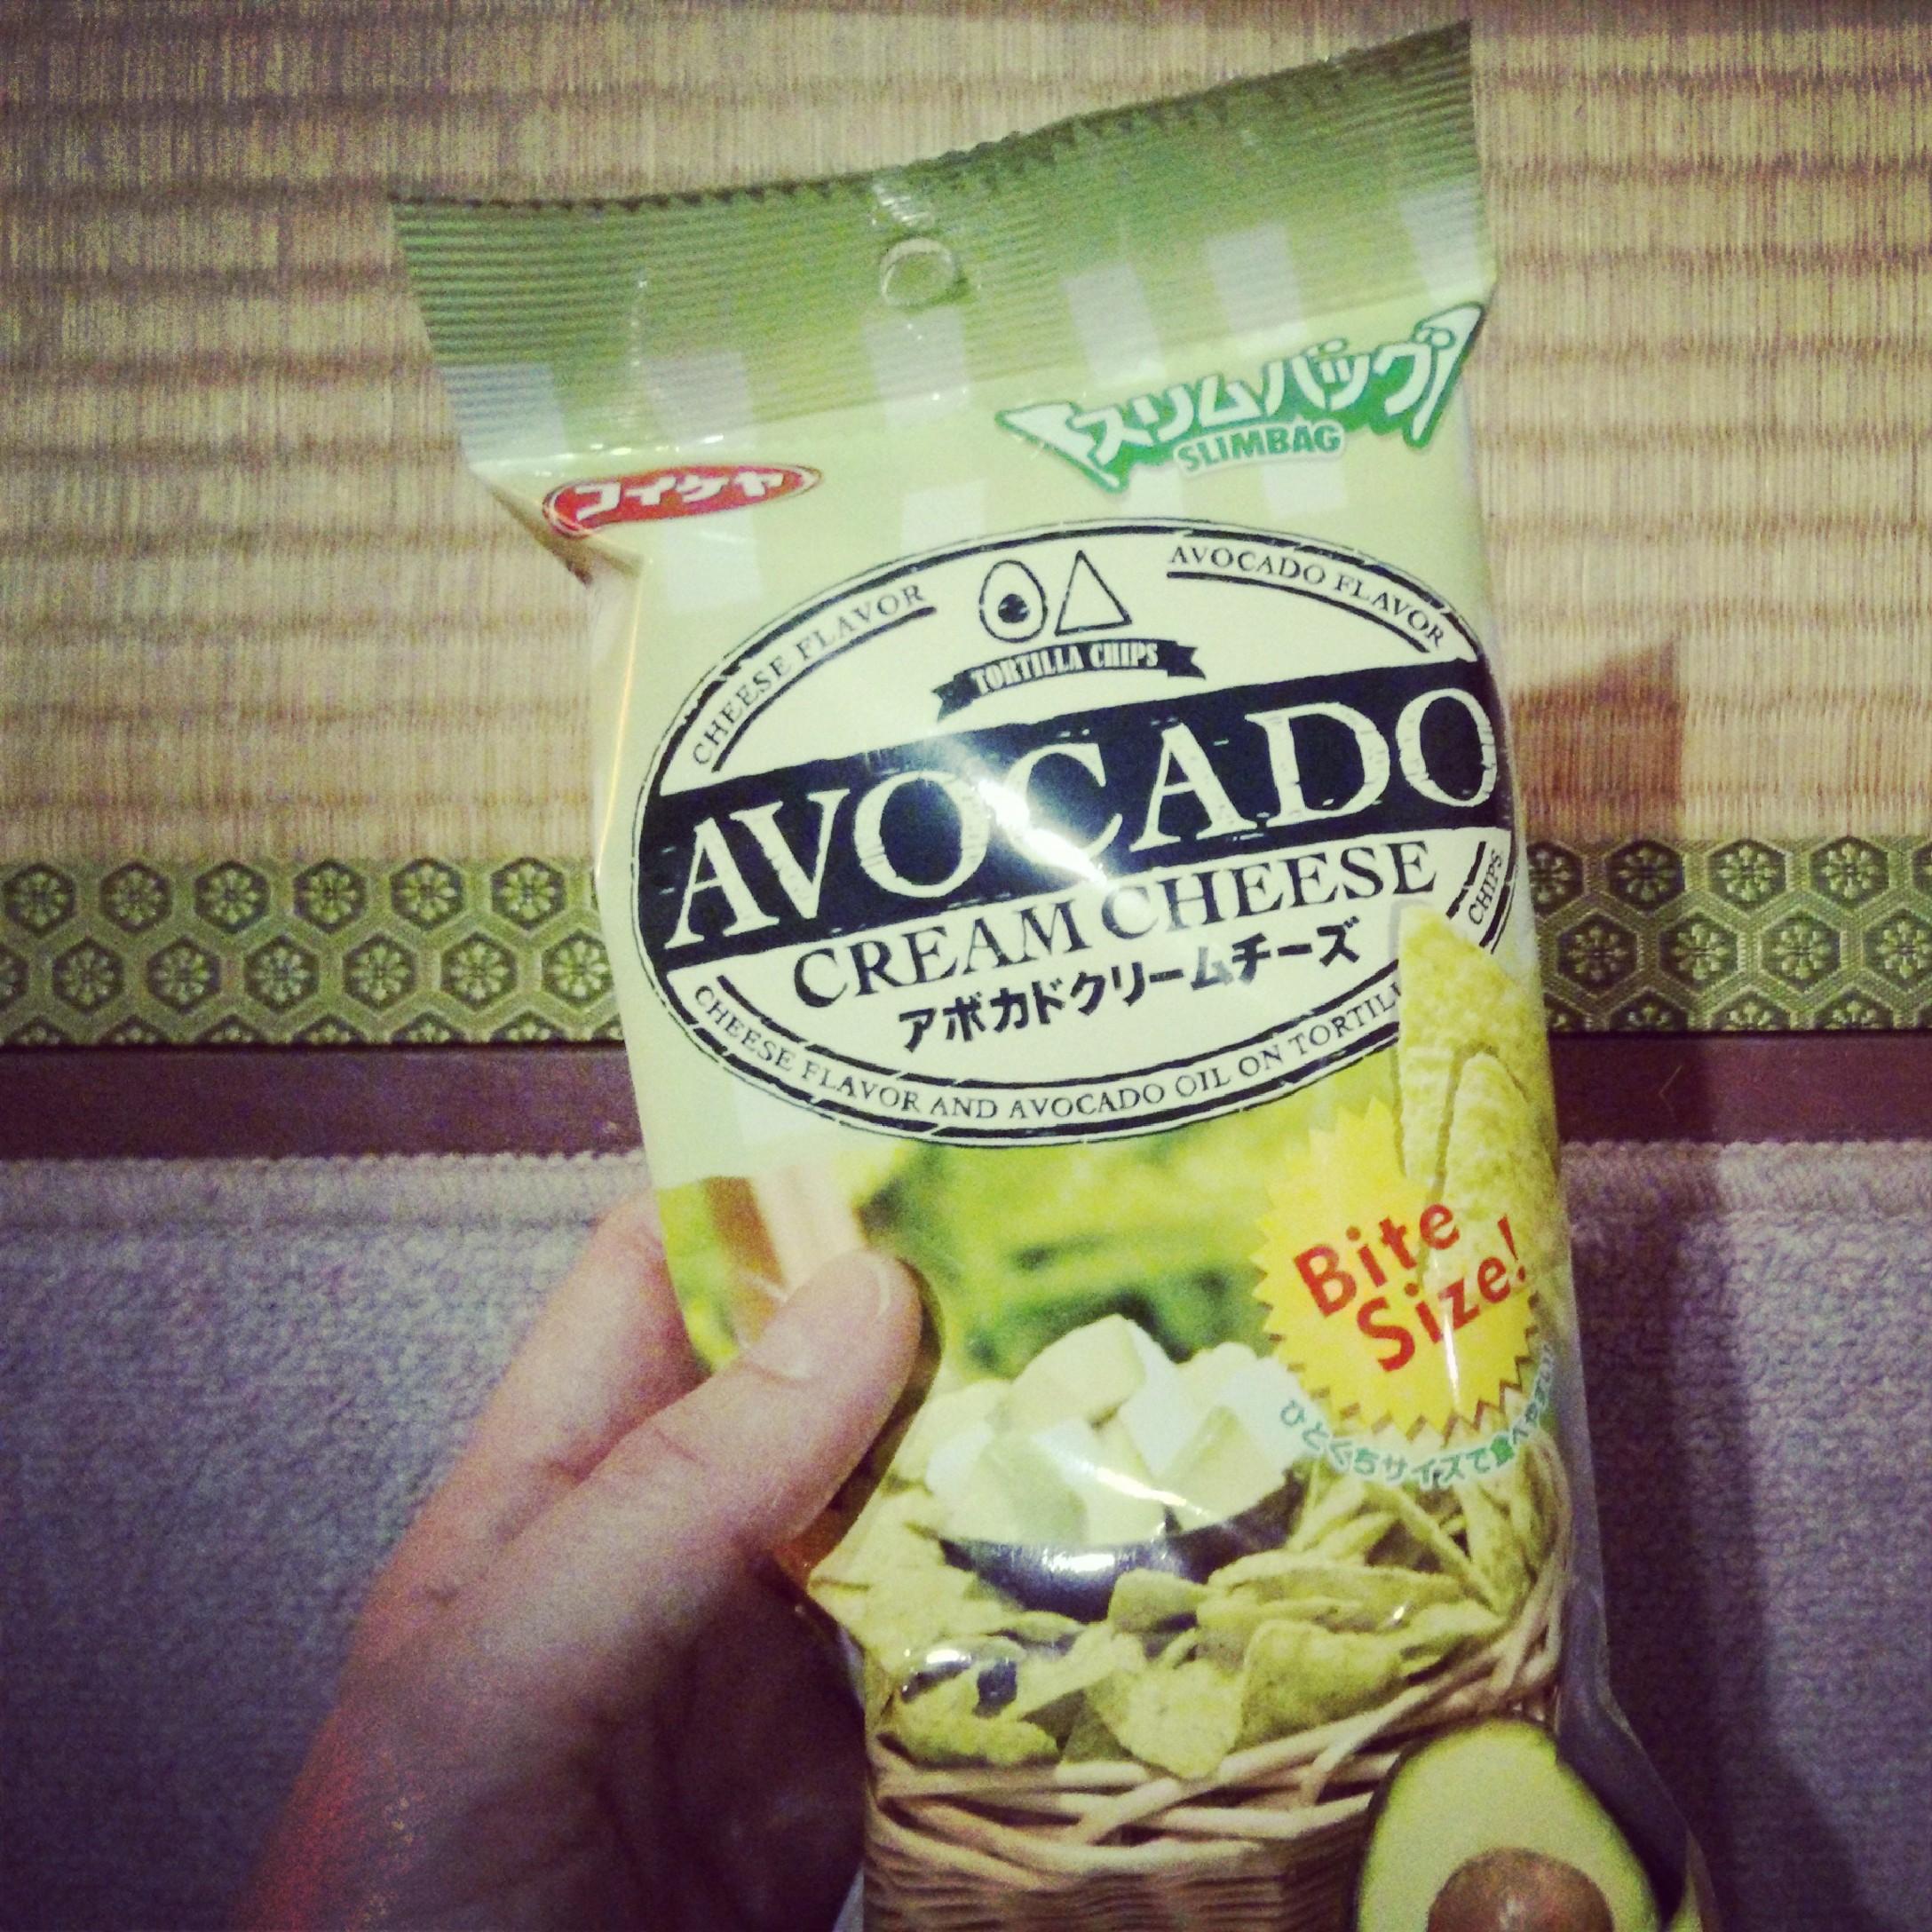 avocado creamcheese nom